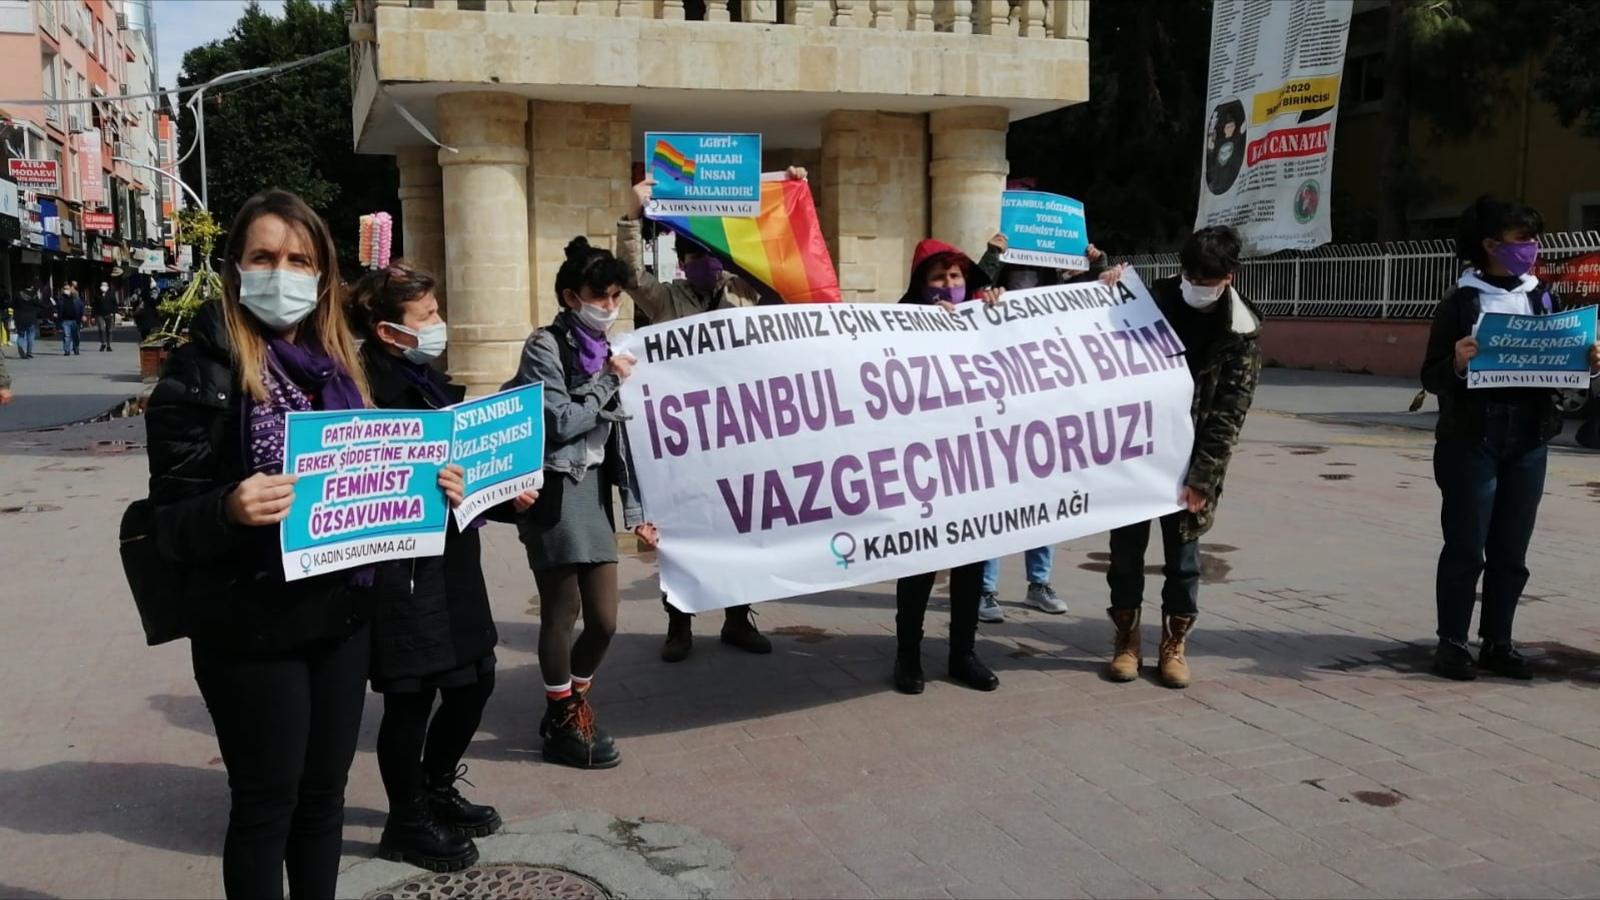 Tarsus Yarenlik Alanı'ndan Sesleniyoruz: İstanbul Sözleşmesi'nden Vazgeçmiyoruz!